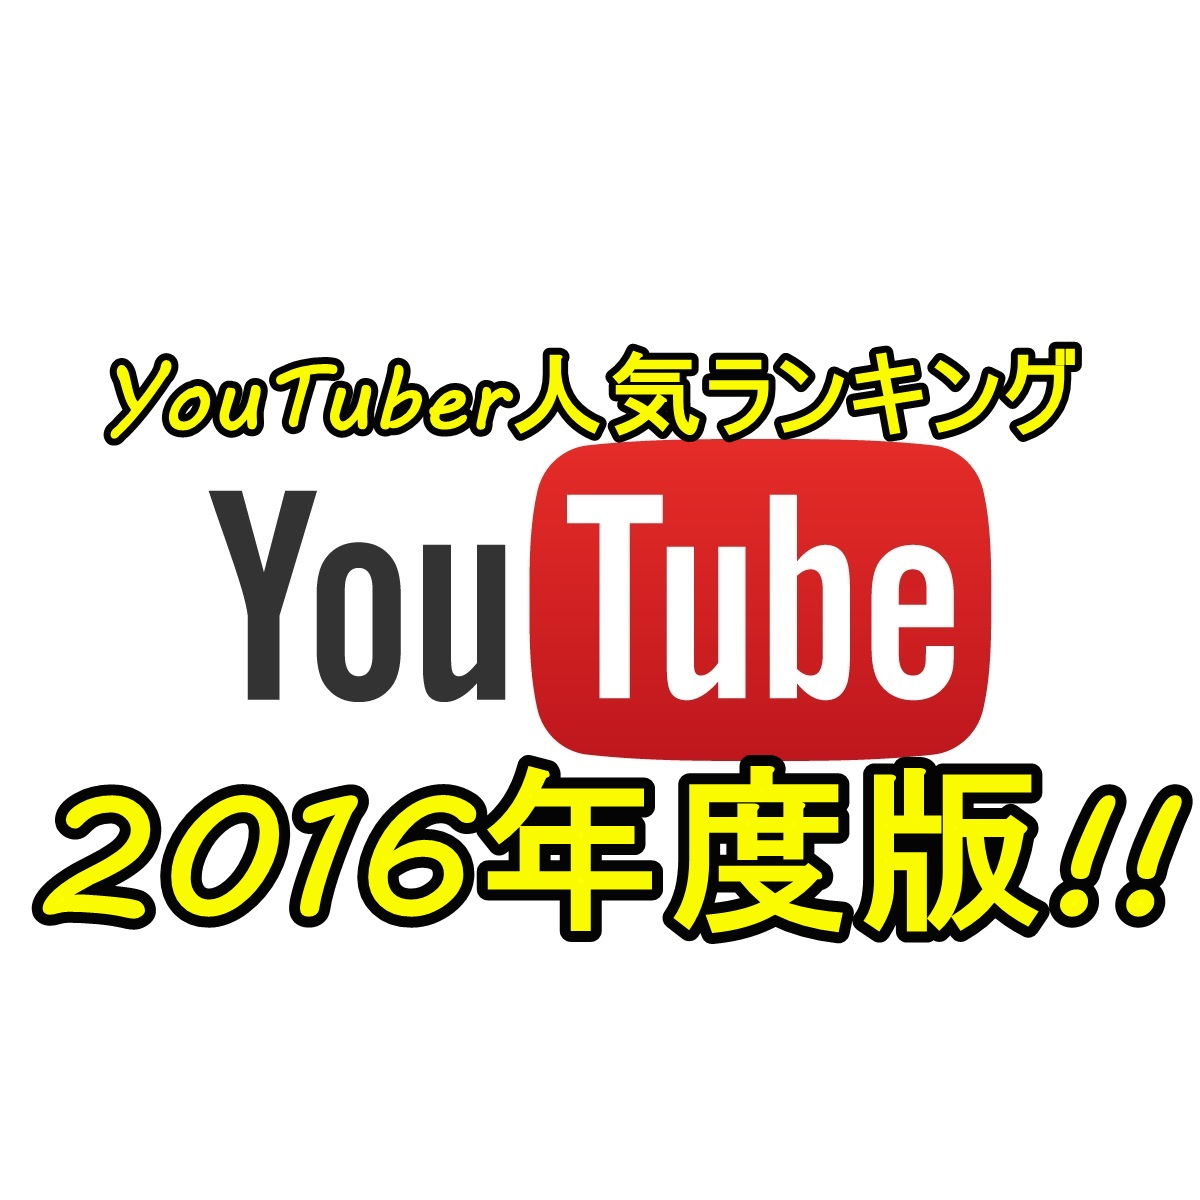 YouTuber人気ランキング 2016年